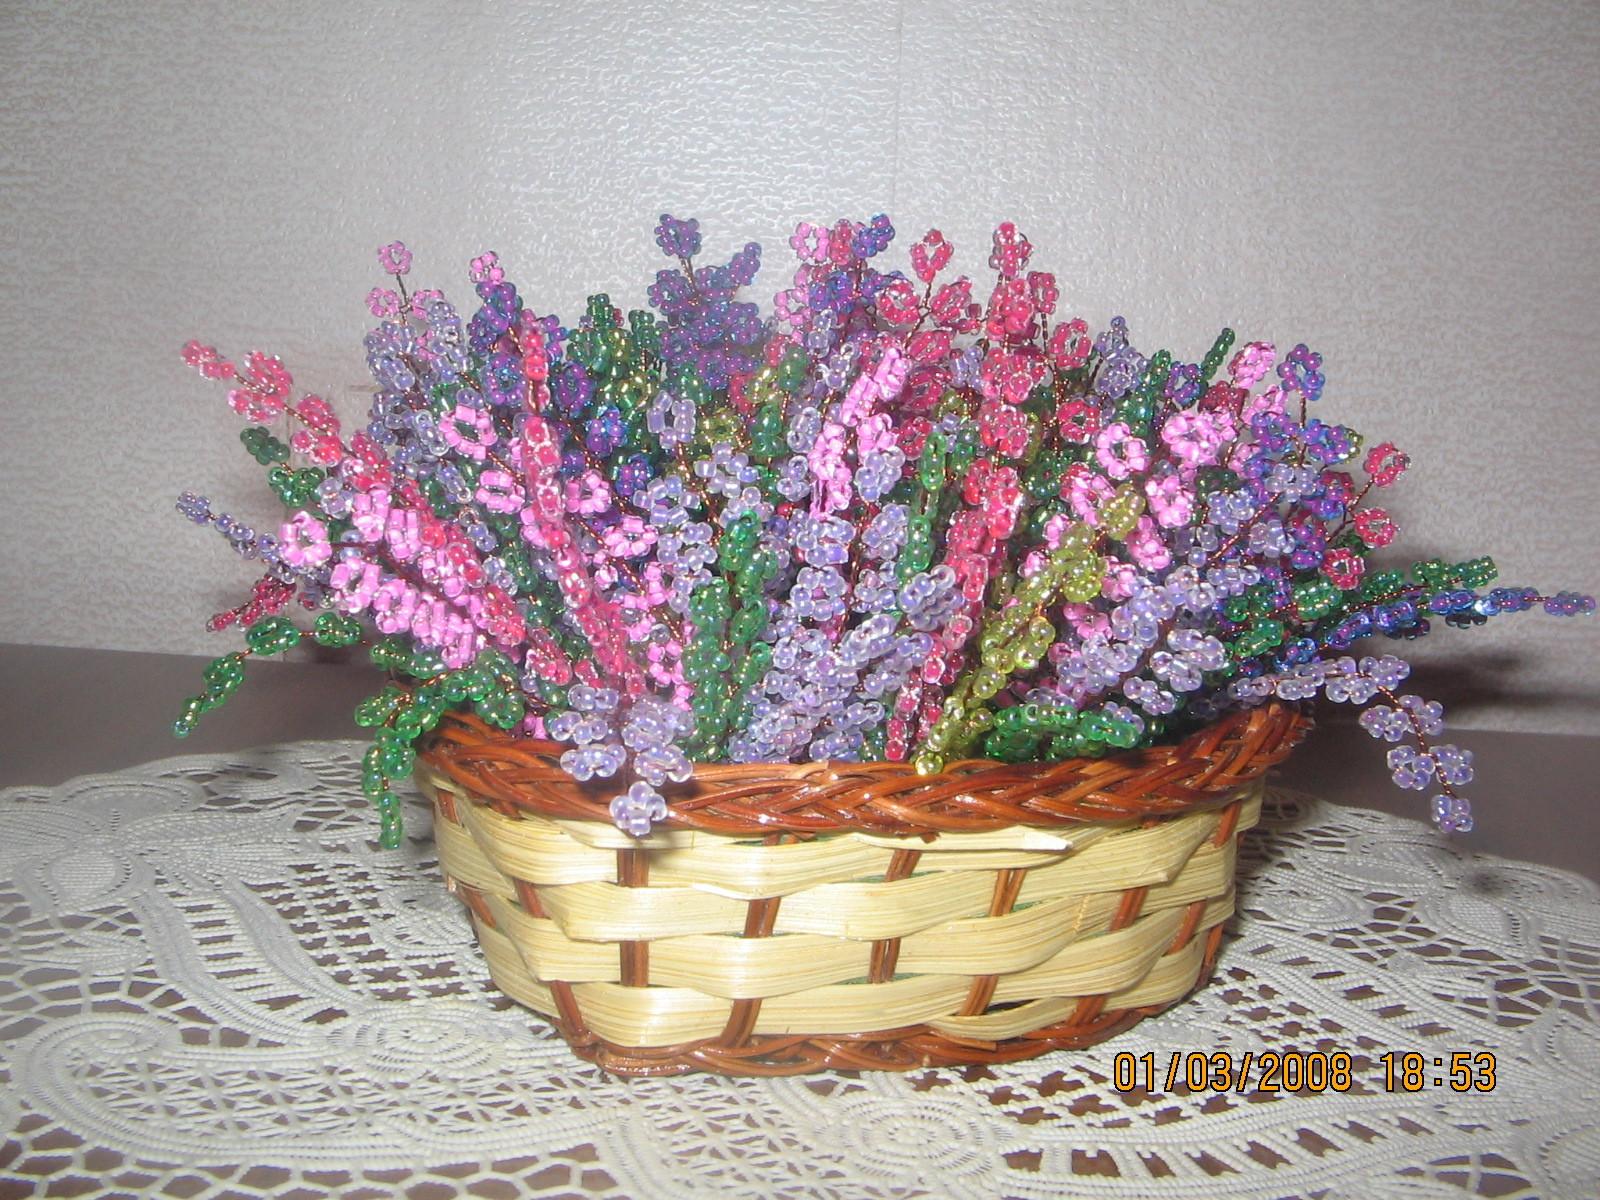 Цветы из бисера - Biserok.org.  19 фев 2013 Розовый вереск из бисера. .  Описание работы и схема плетения красивой...